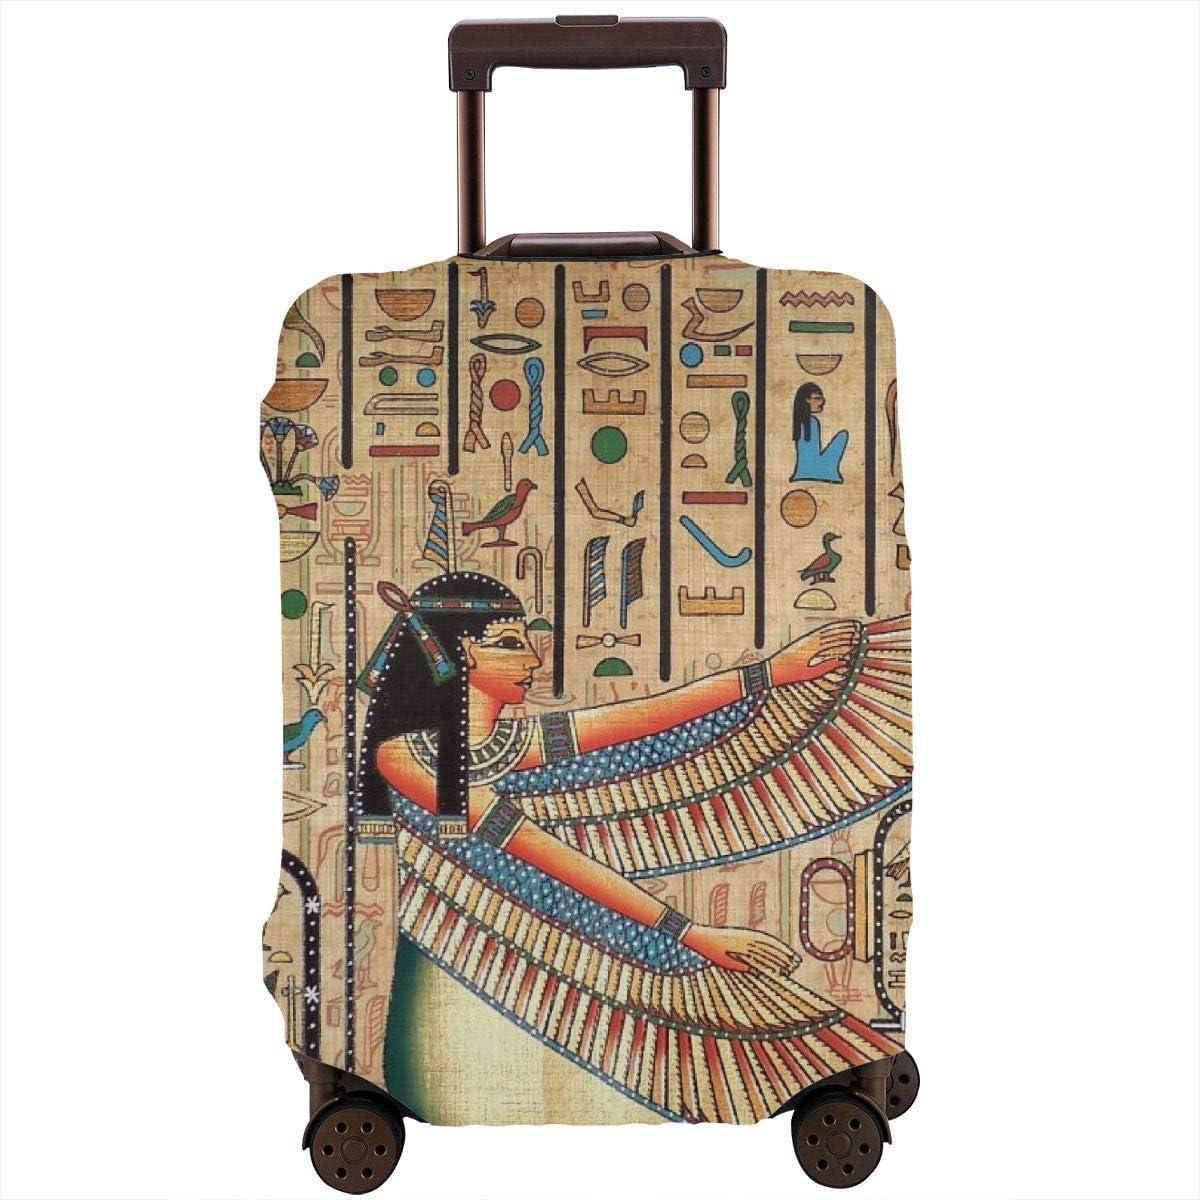 Protector de Maleta de Pintura de papiro Egipcio Antiguo Cubierta de Equipaje de Viaje elástica Cubiertas de Equipaje a Prueba de Lluvia con impresión Delicada